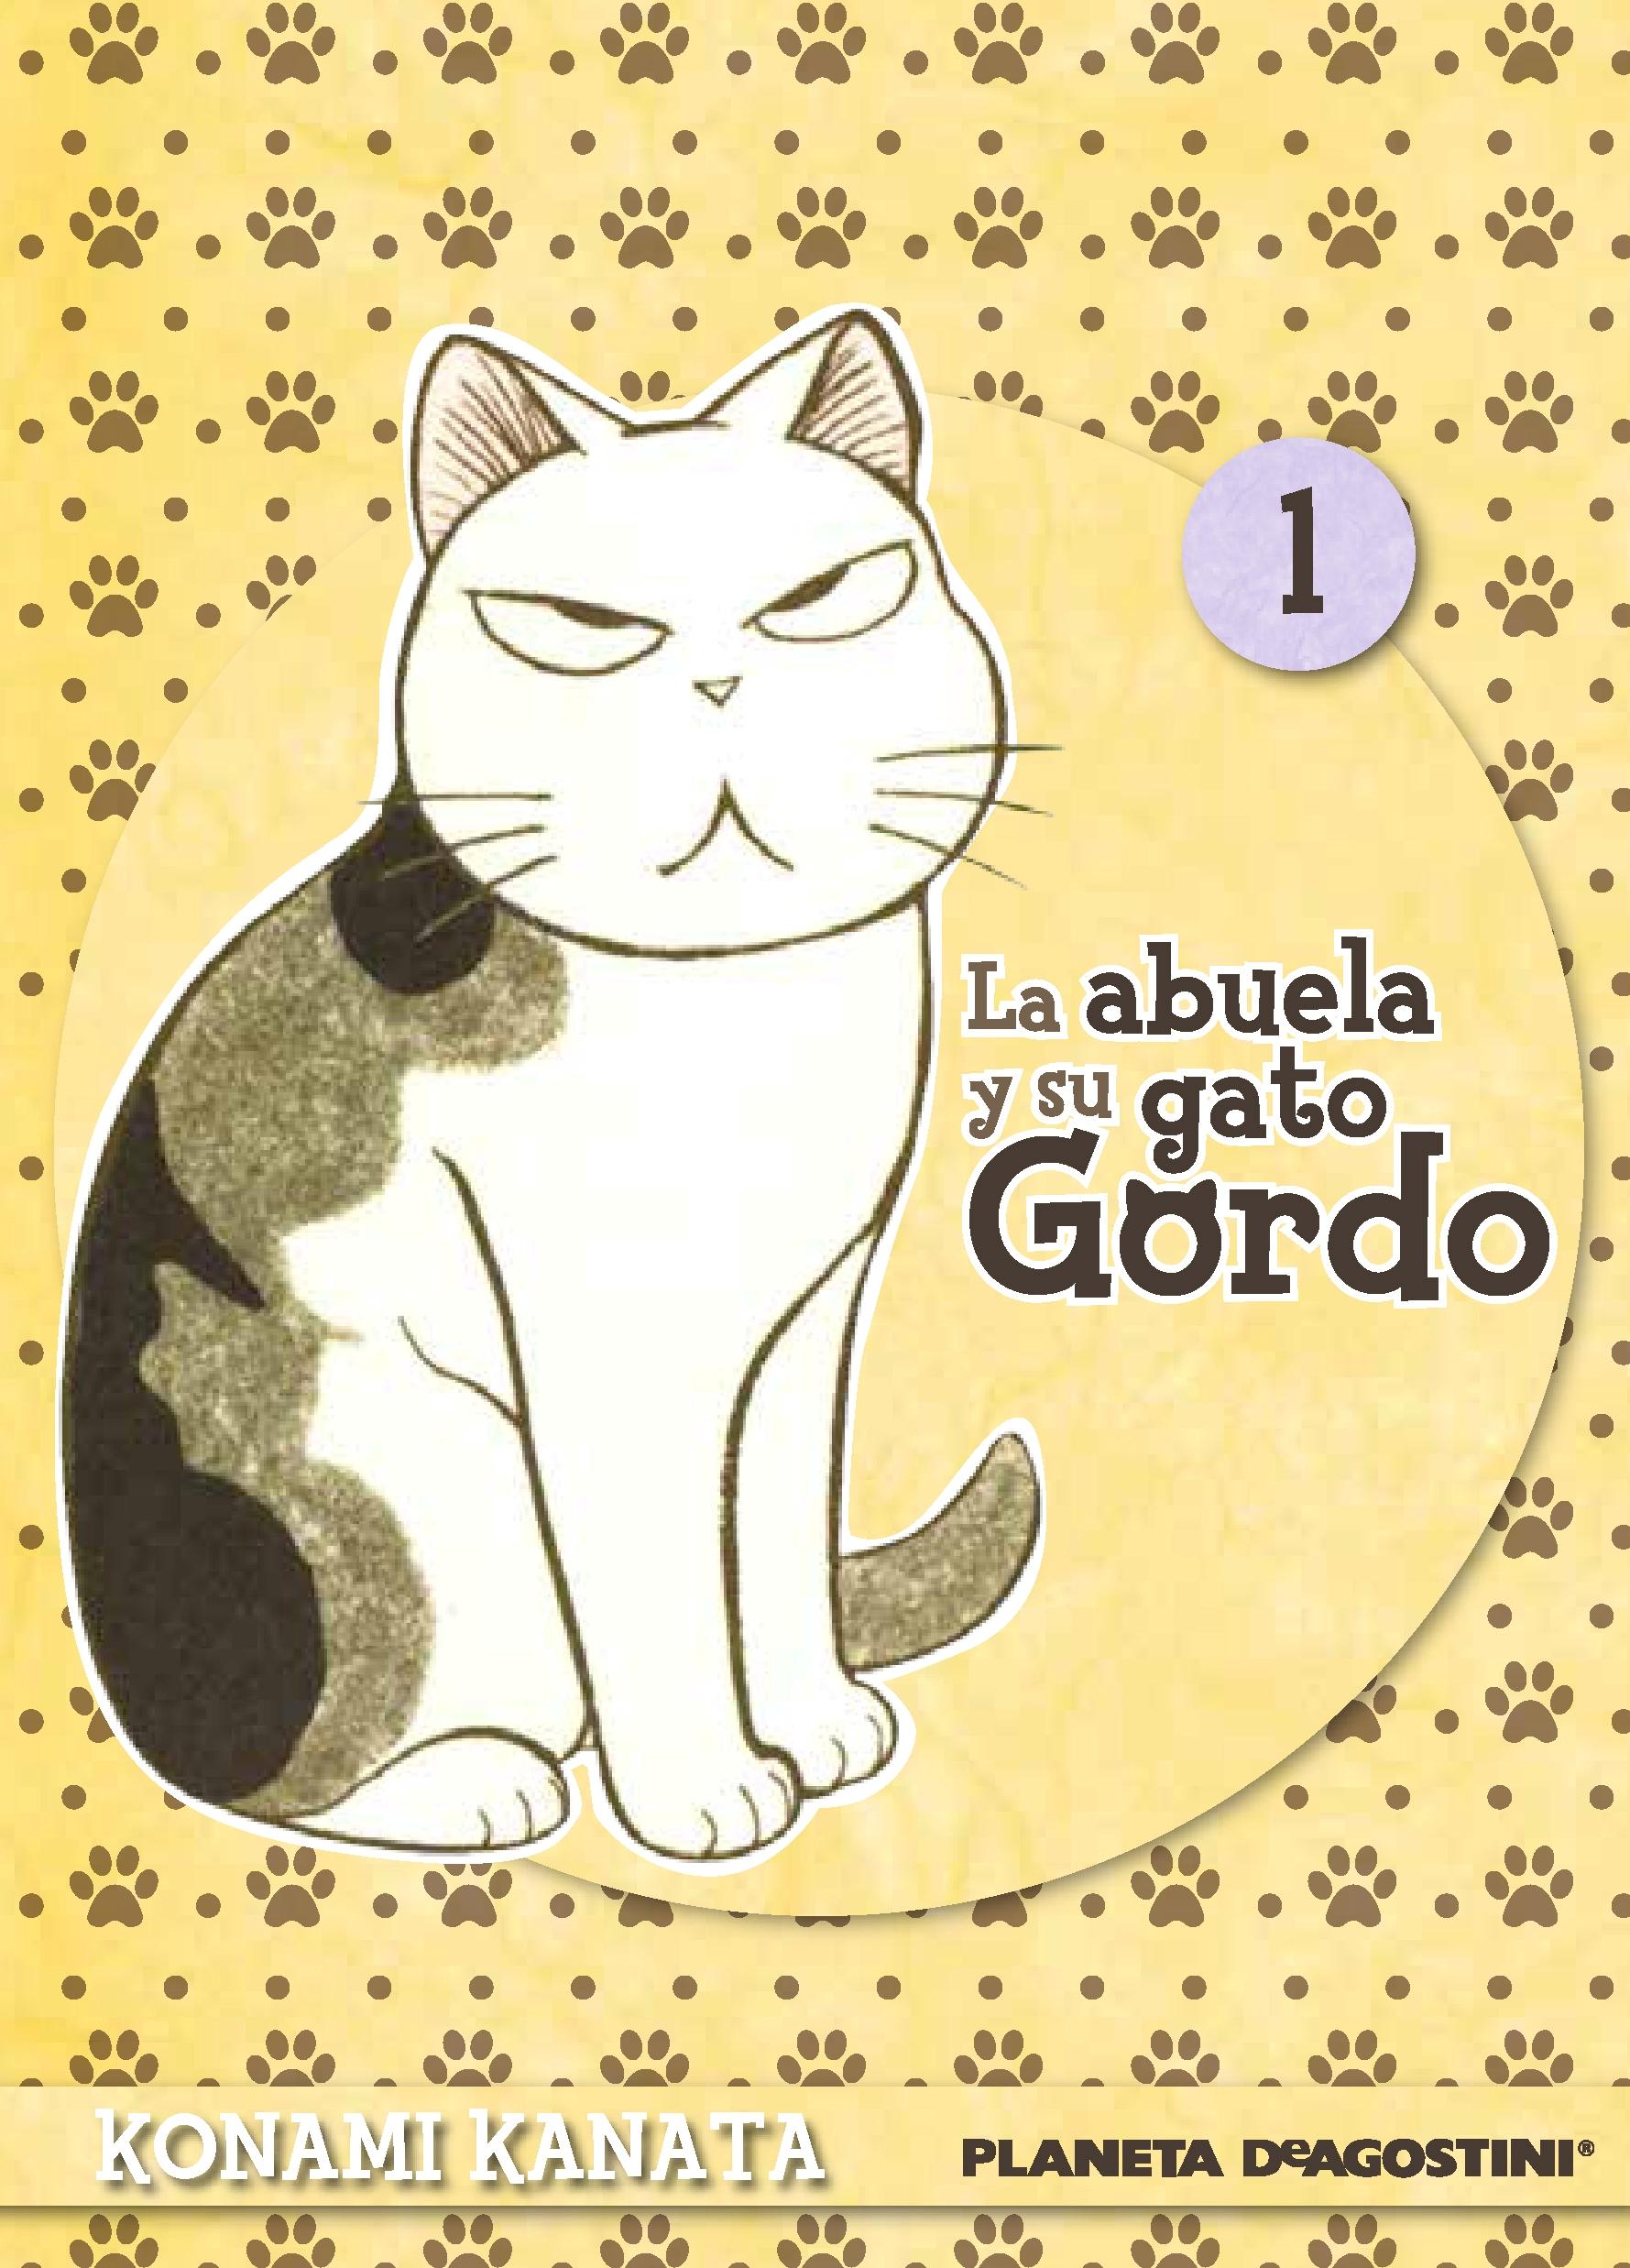 ABUELA Y SU GATO GORDO 01